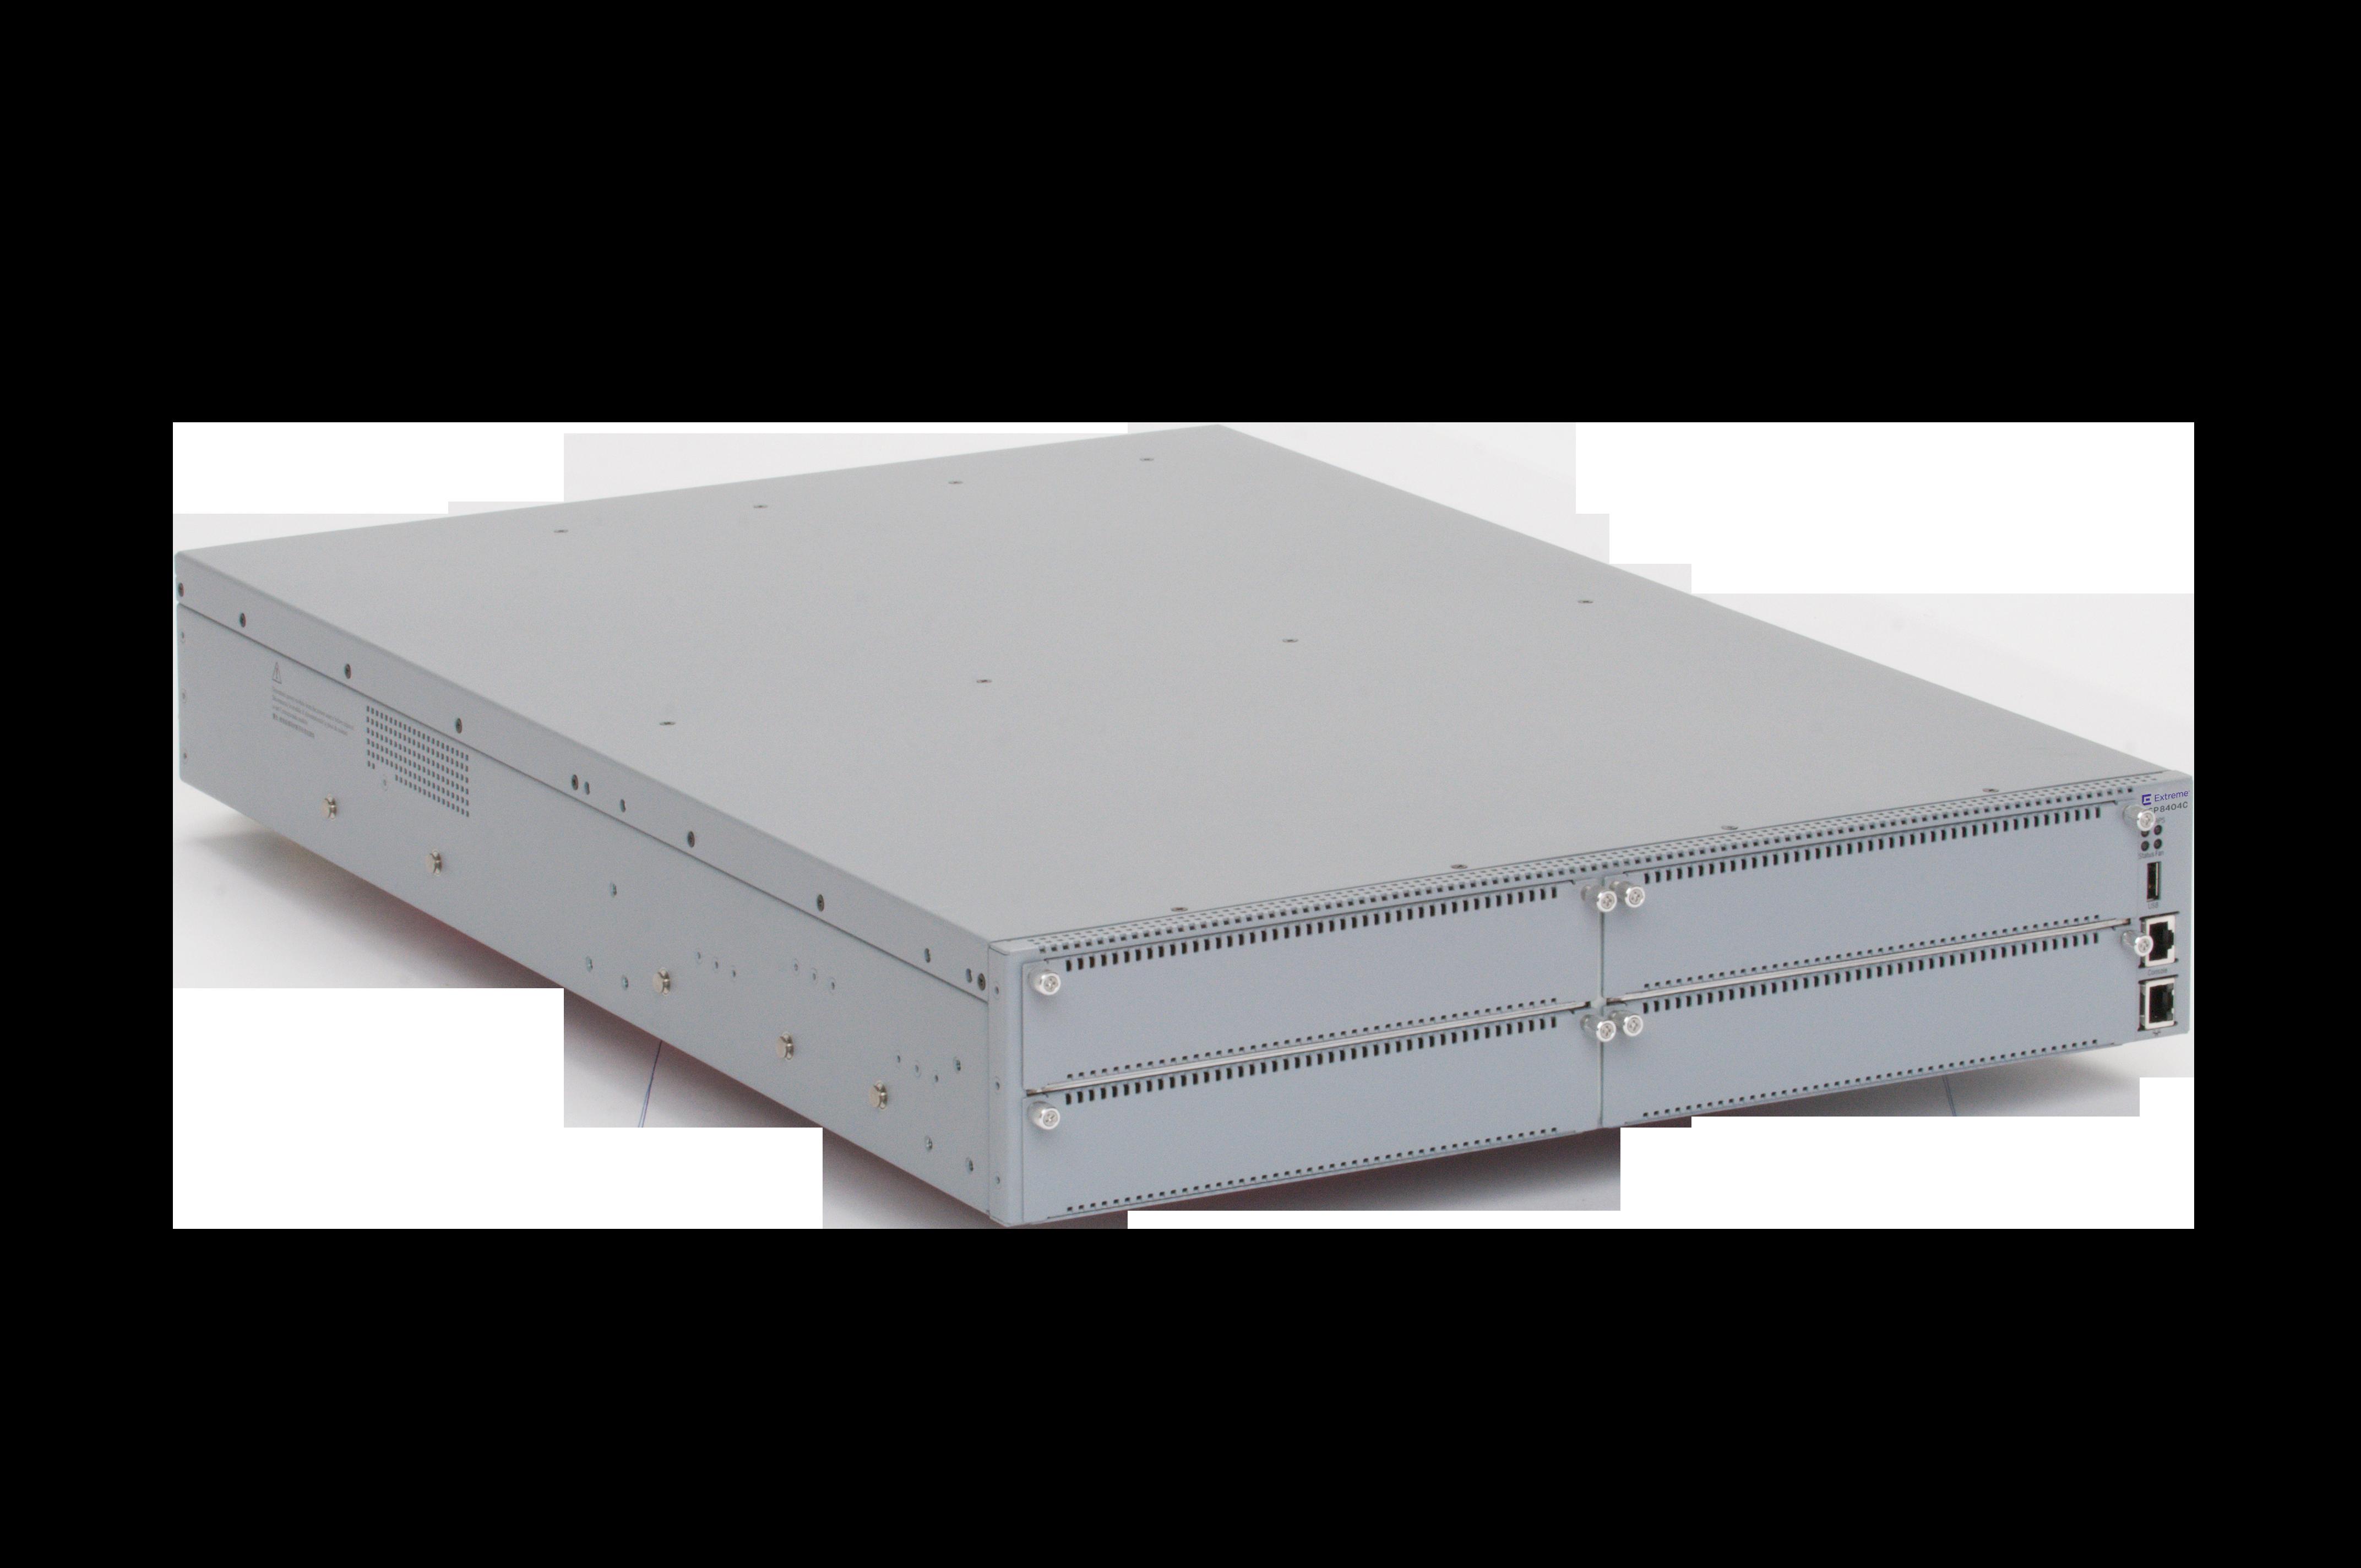 Extreme Networks VSP 8400-Series – VSP 8404C